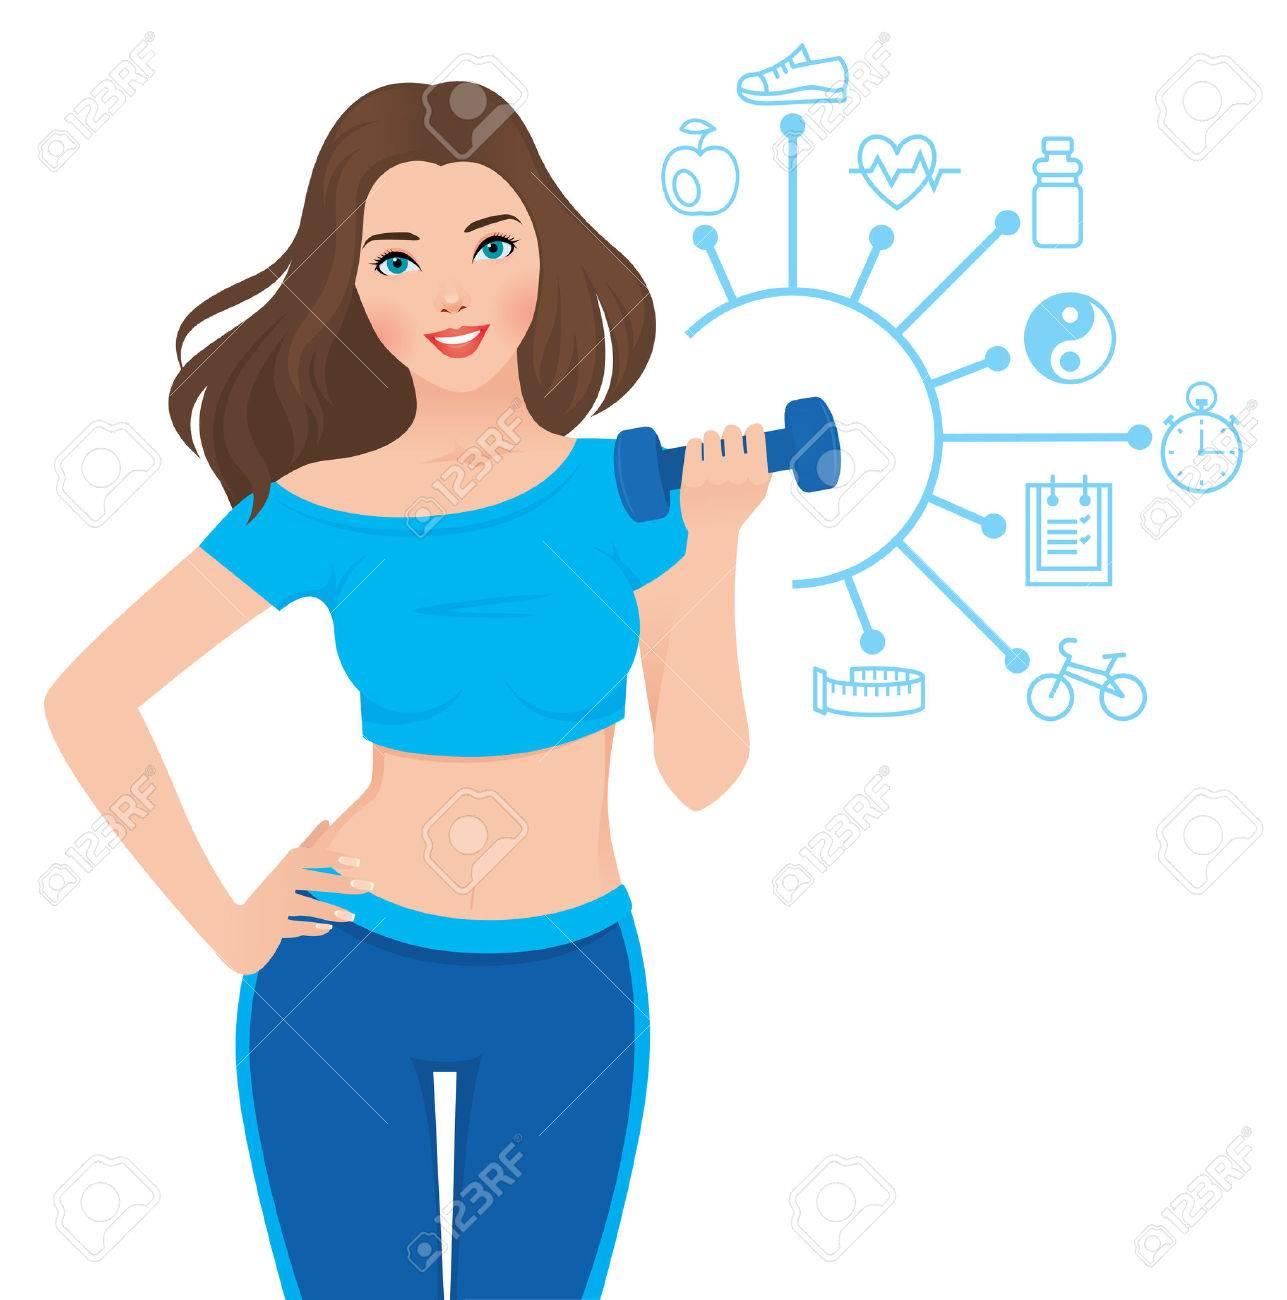 e7f3f6834e01 Ilustración vectorial de la niña sana delgada en ropa deportiva a aptitud y  la infografía que muestra los componentes de su éxito